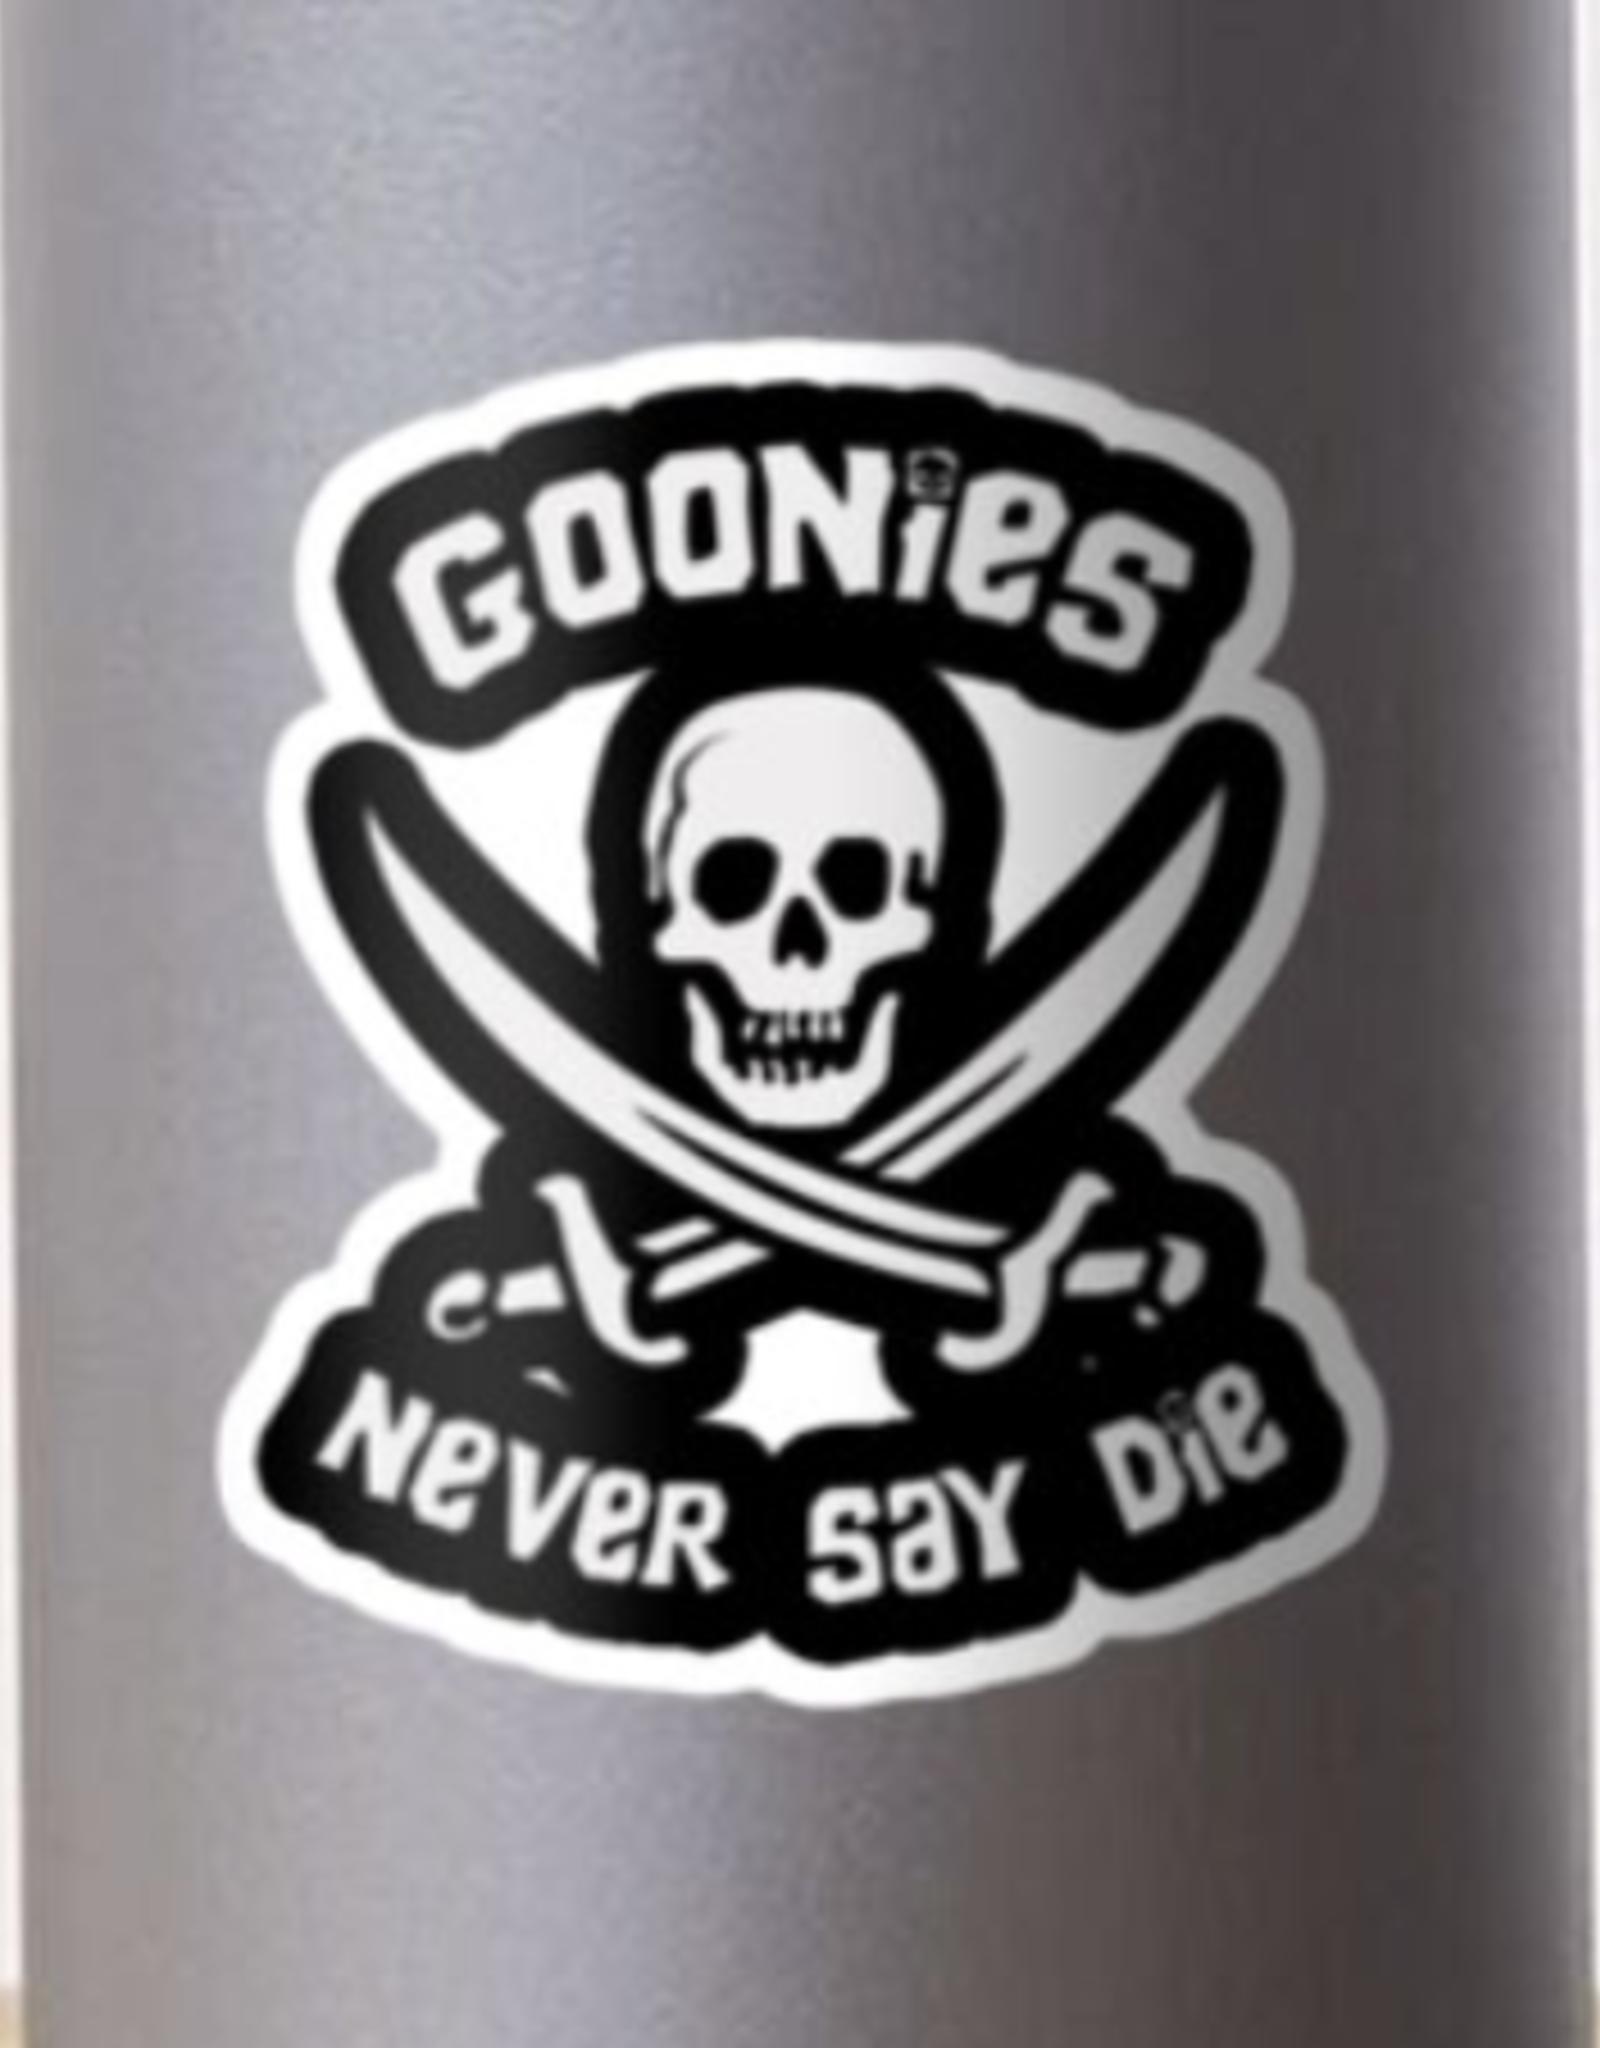 Goonies Never Say Die Sticker